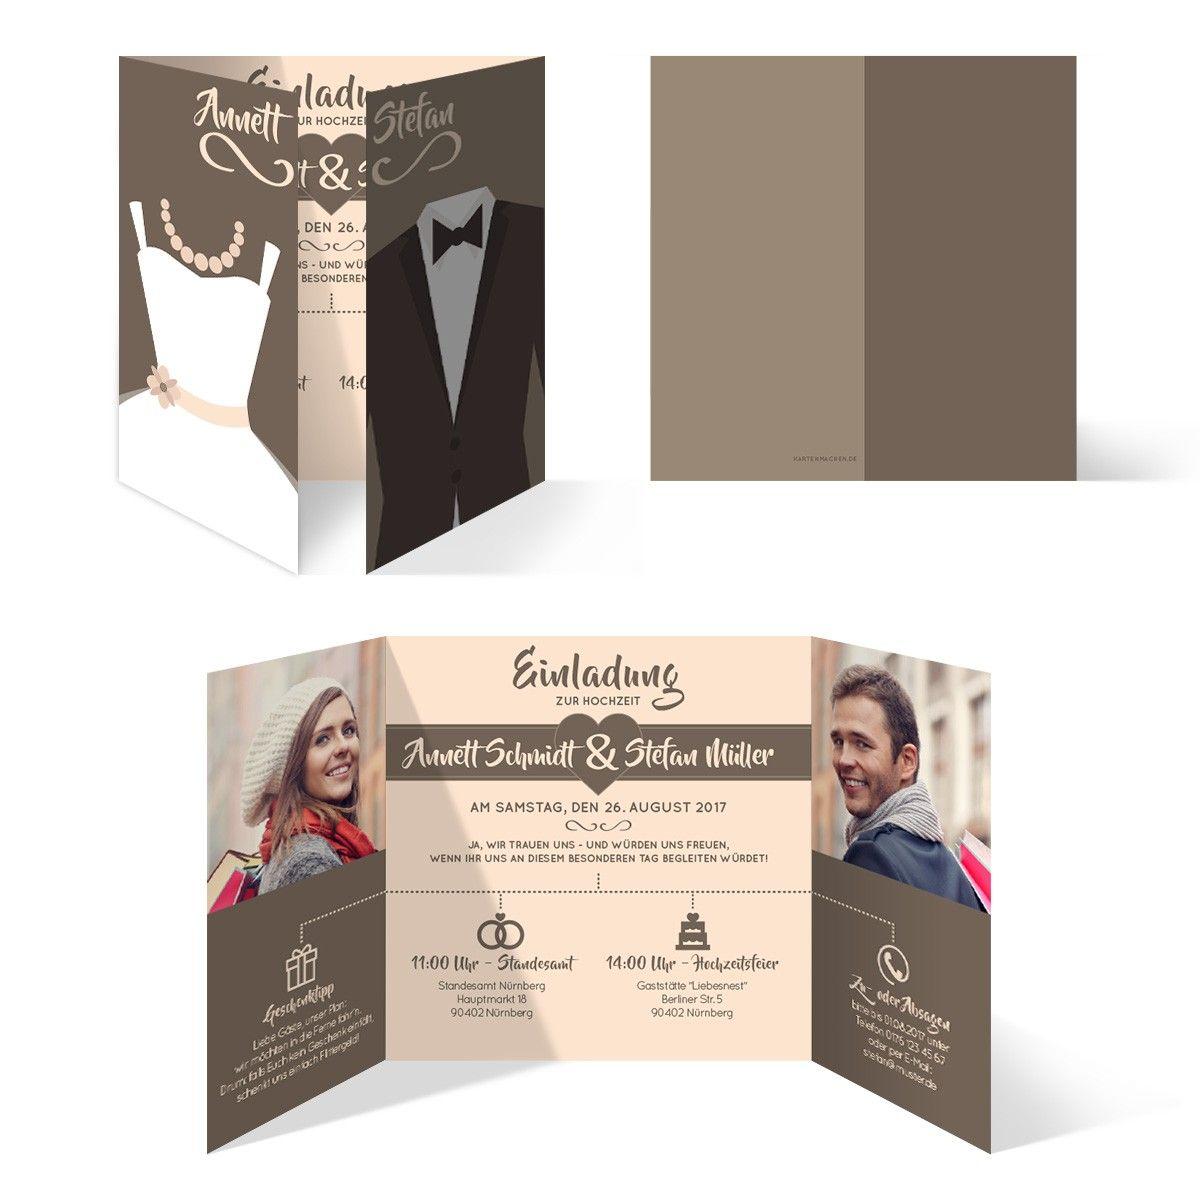 Lovely Hochzeits Einladungen #12: Hochzeitseinladungen - Braut Und Bräutigam Altarfalz In Braun